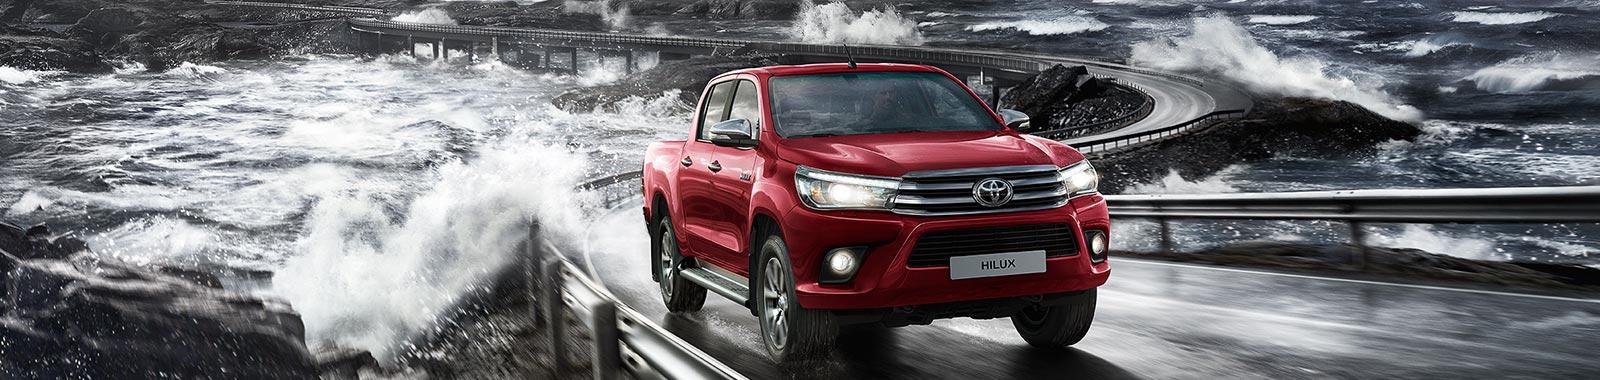 Toyota Hilux 2.4 D-4D 2WD 2 porte Single Cab Active (Diesel) - Dimensioni, Consumi e Dotazioni di serie